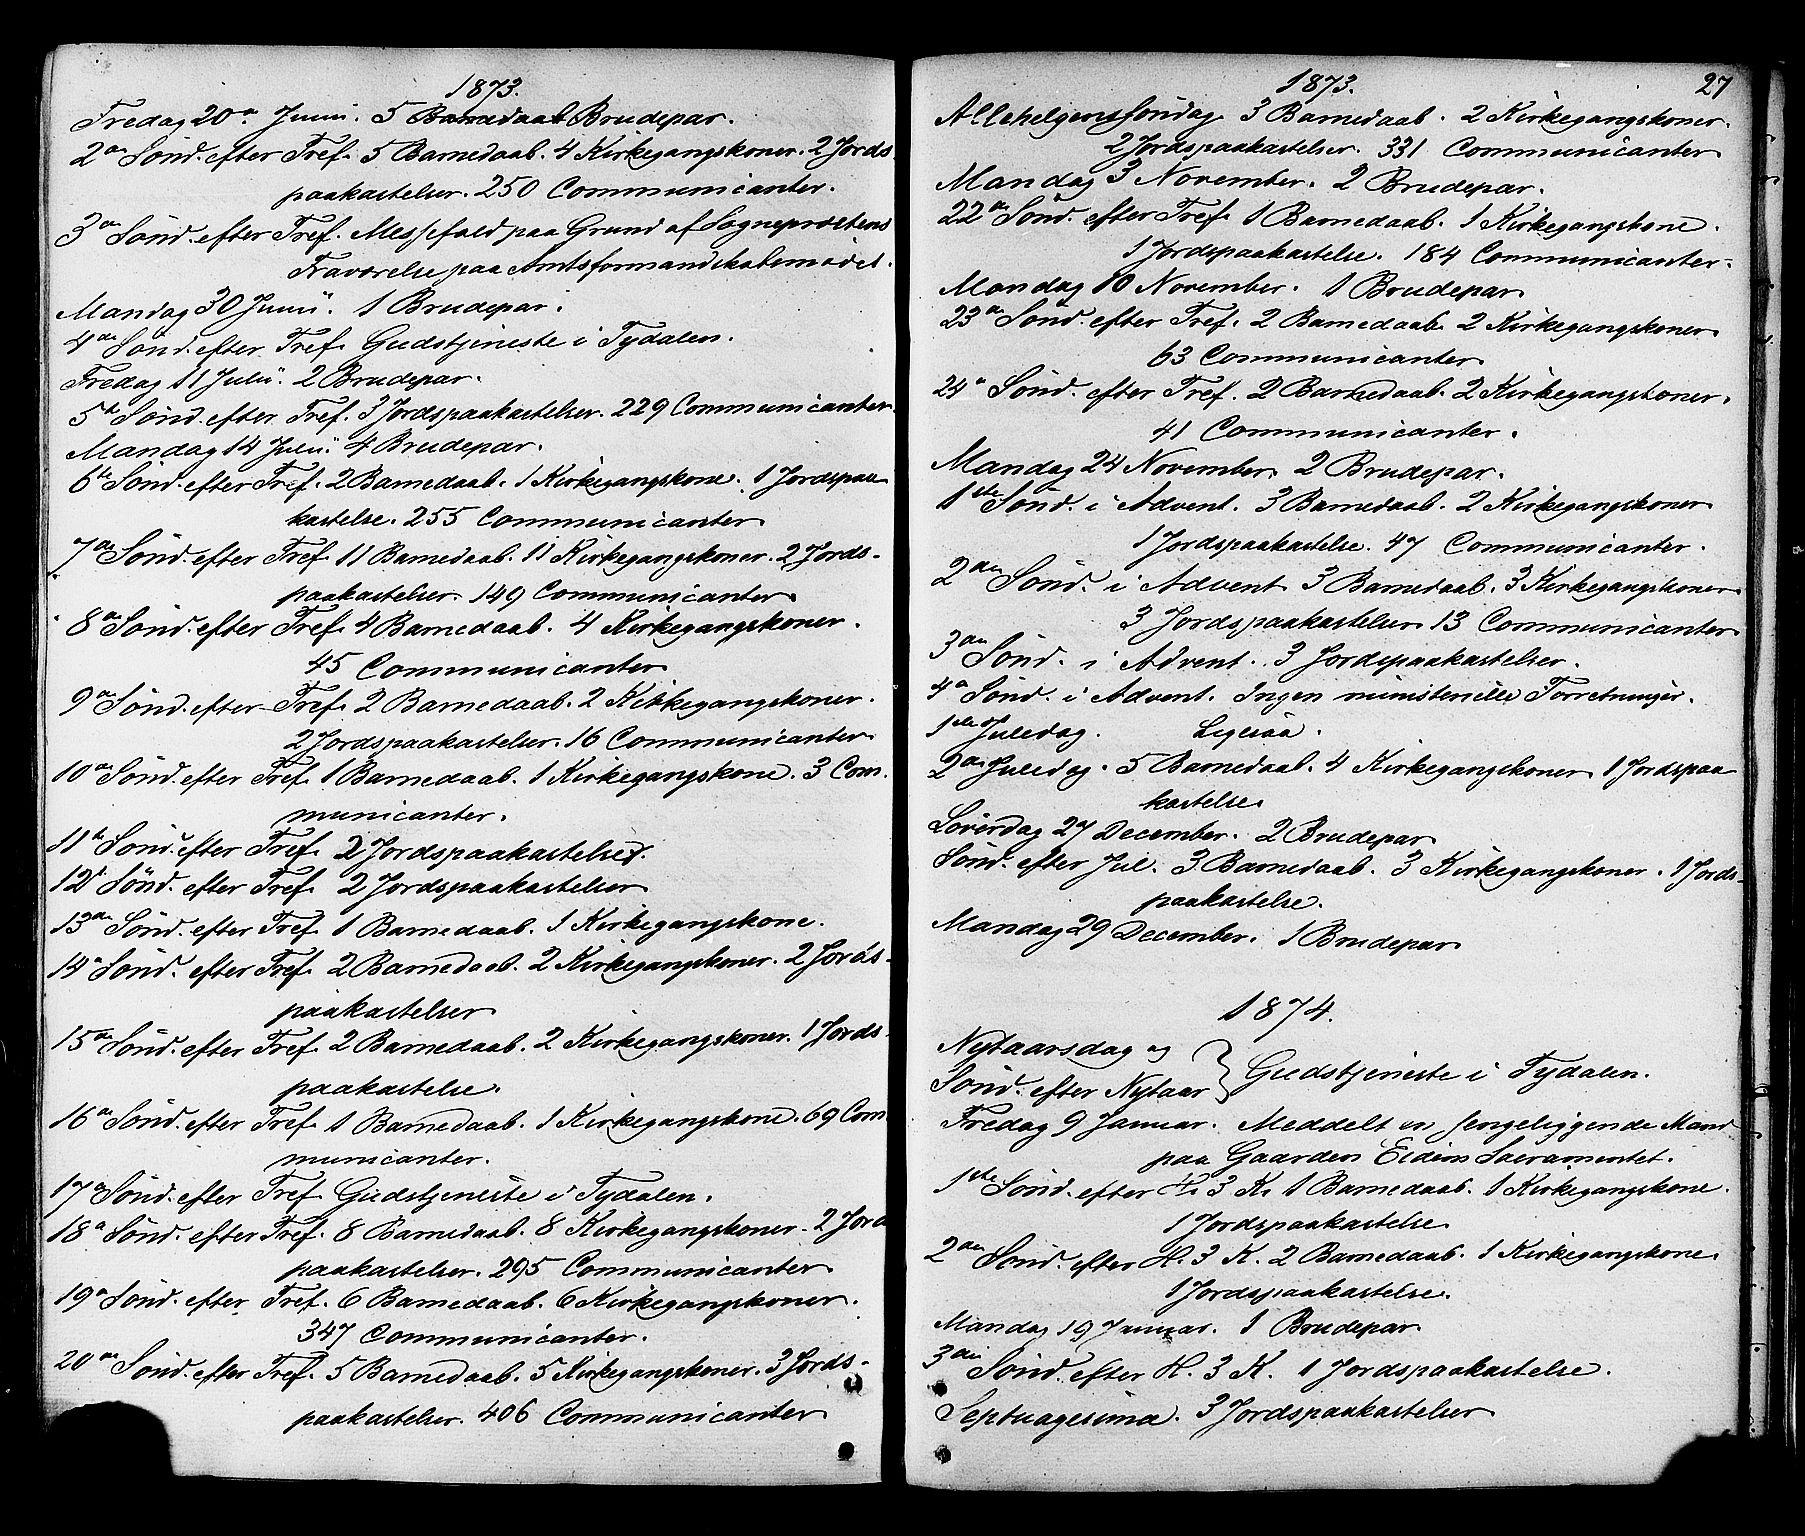 SAT, Ministerialprotokoller, klokkerbøker og fødselsregistre - Sør-Trøndelag, 695/L1147: Ministerialbok nr. 695A07, 1860-1877, s. 27